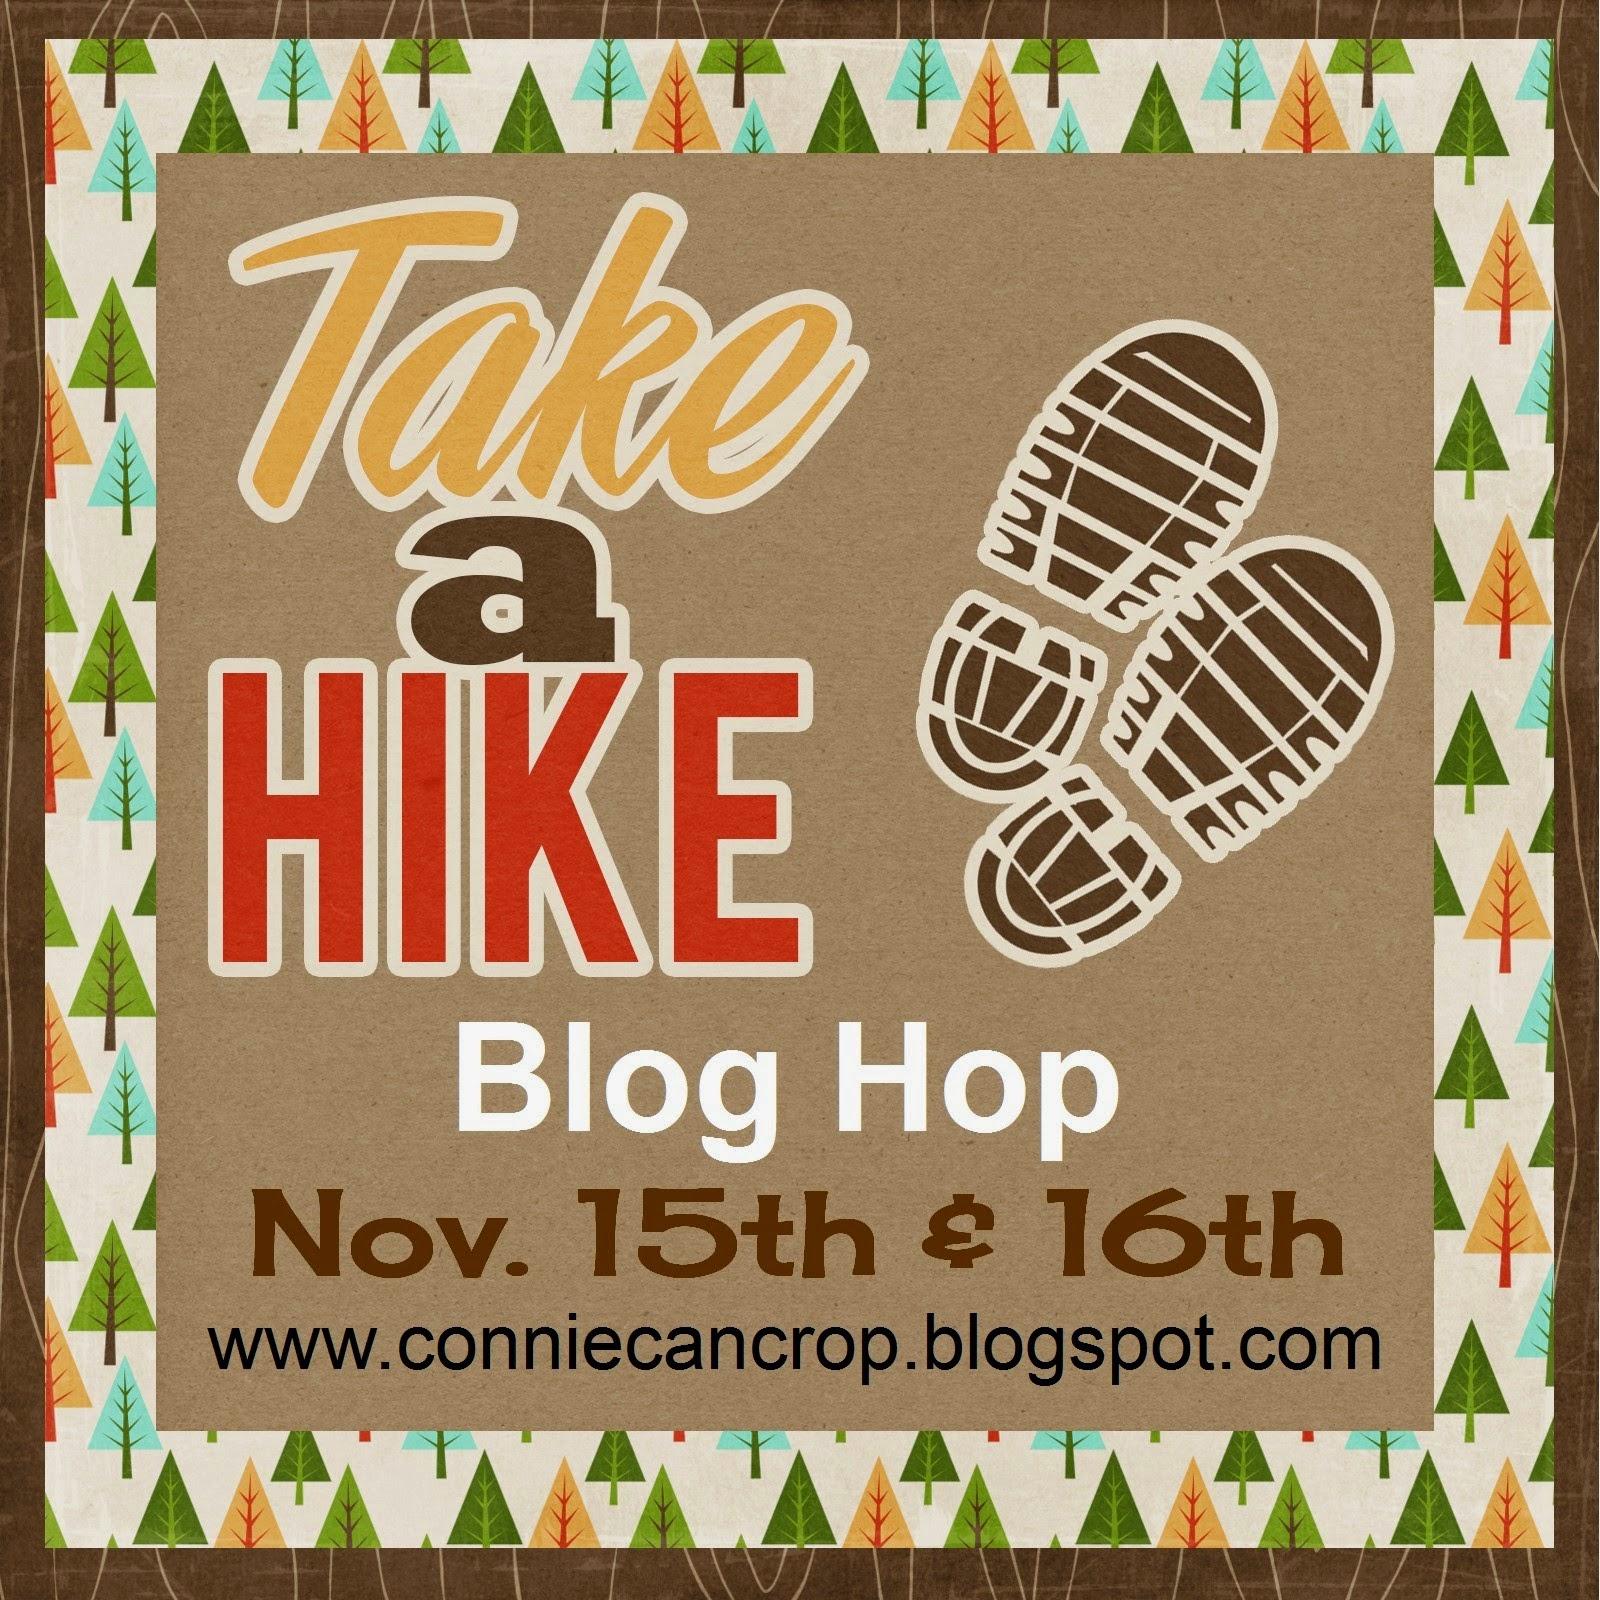 Novembers Blog Hop